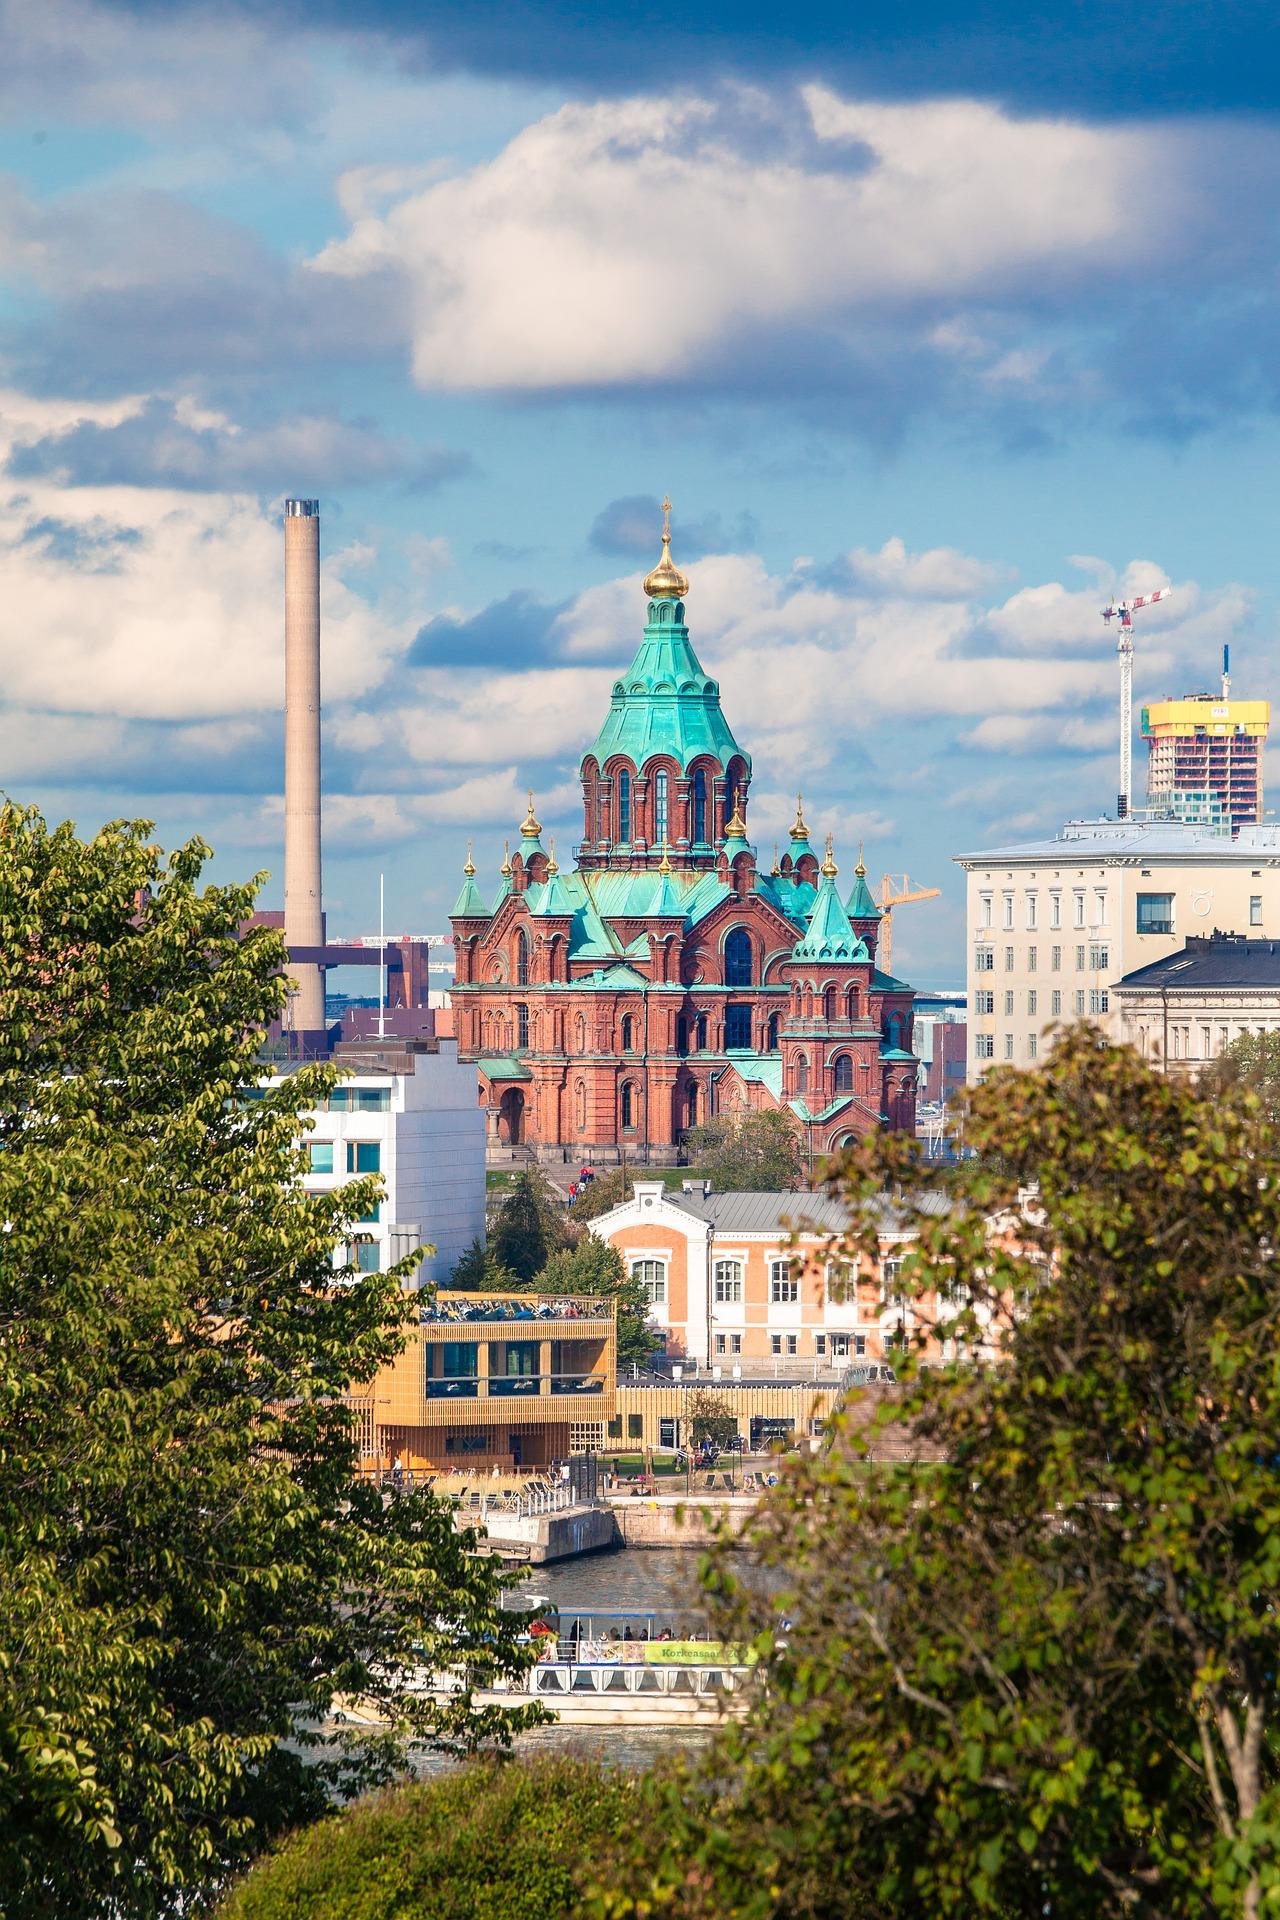 Продажа бизнеса в финляндии открытие границ россии последние новости